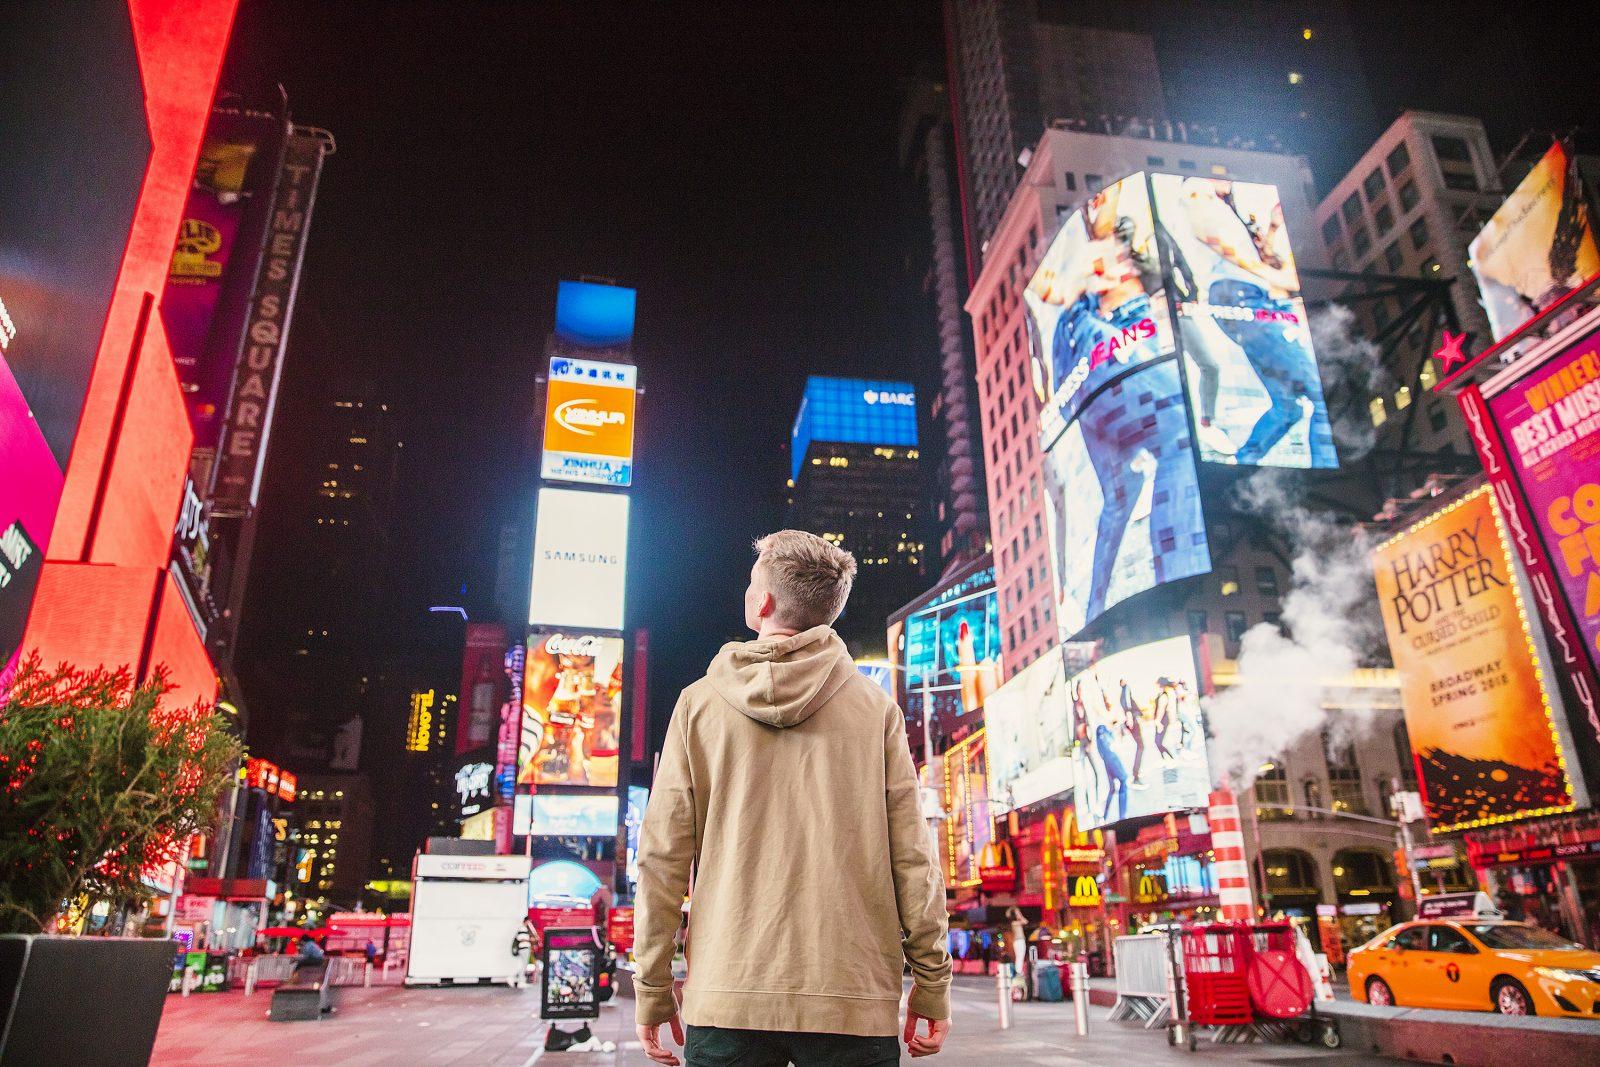 Una persona en Time Square contemplando una gran cantidad de anuncios